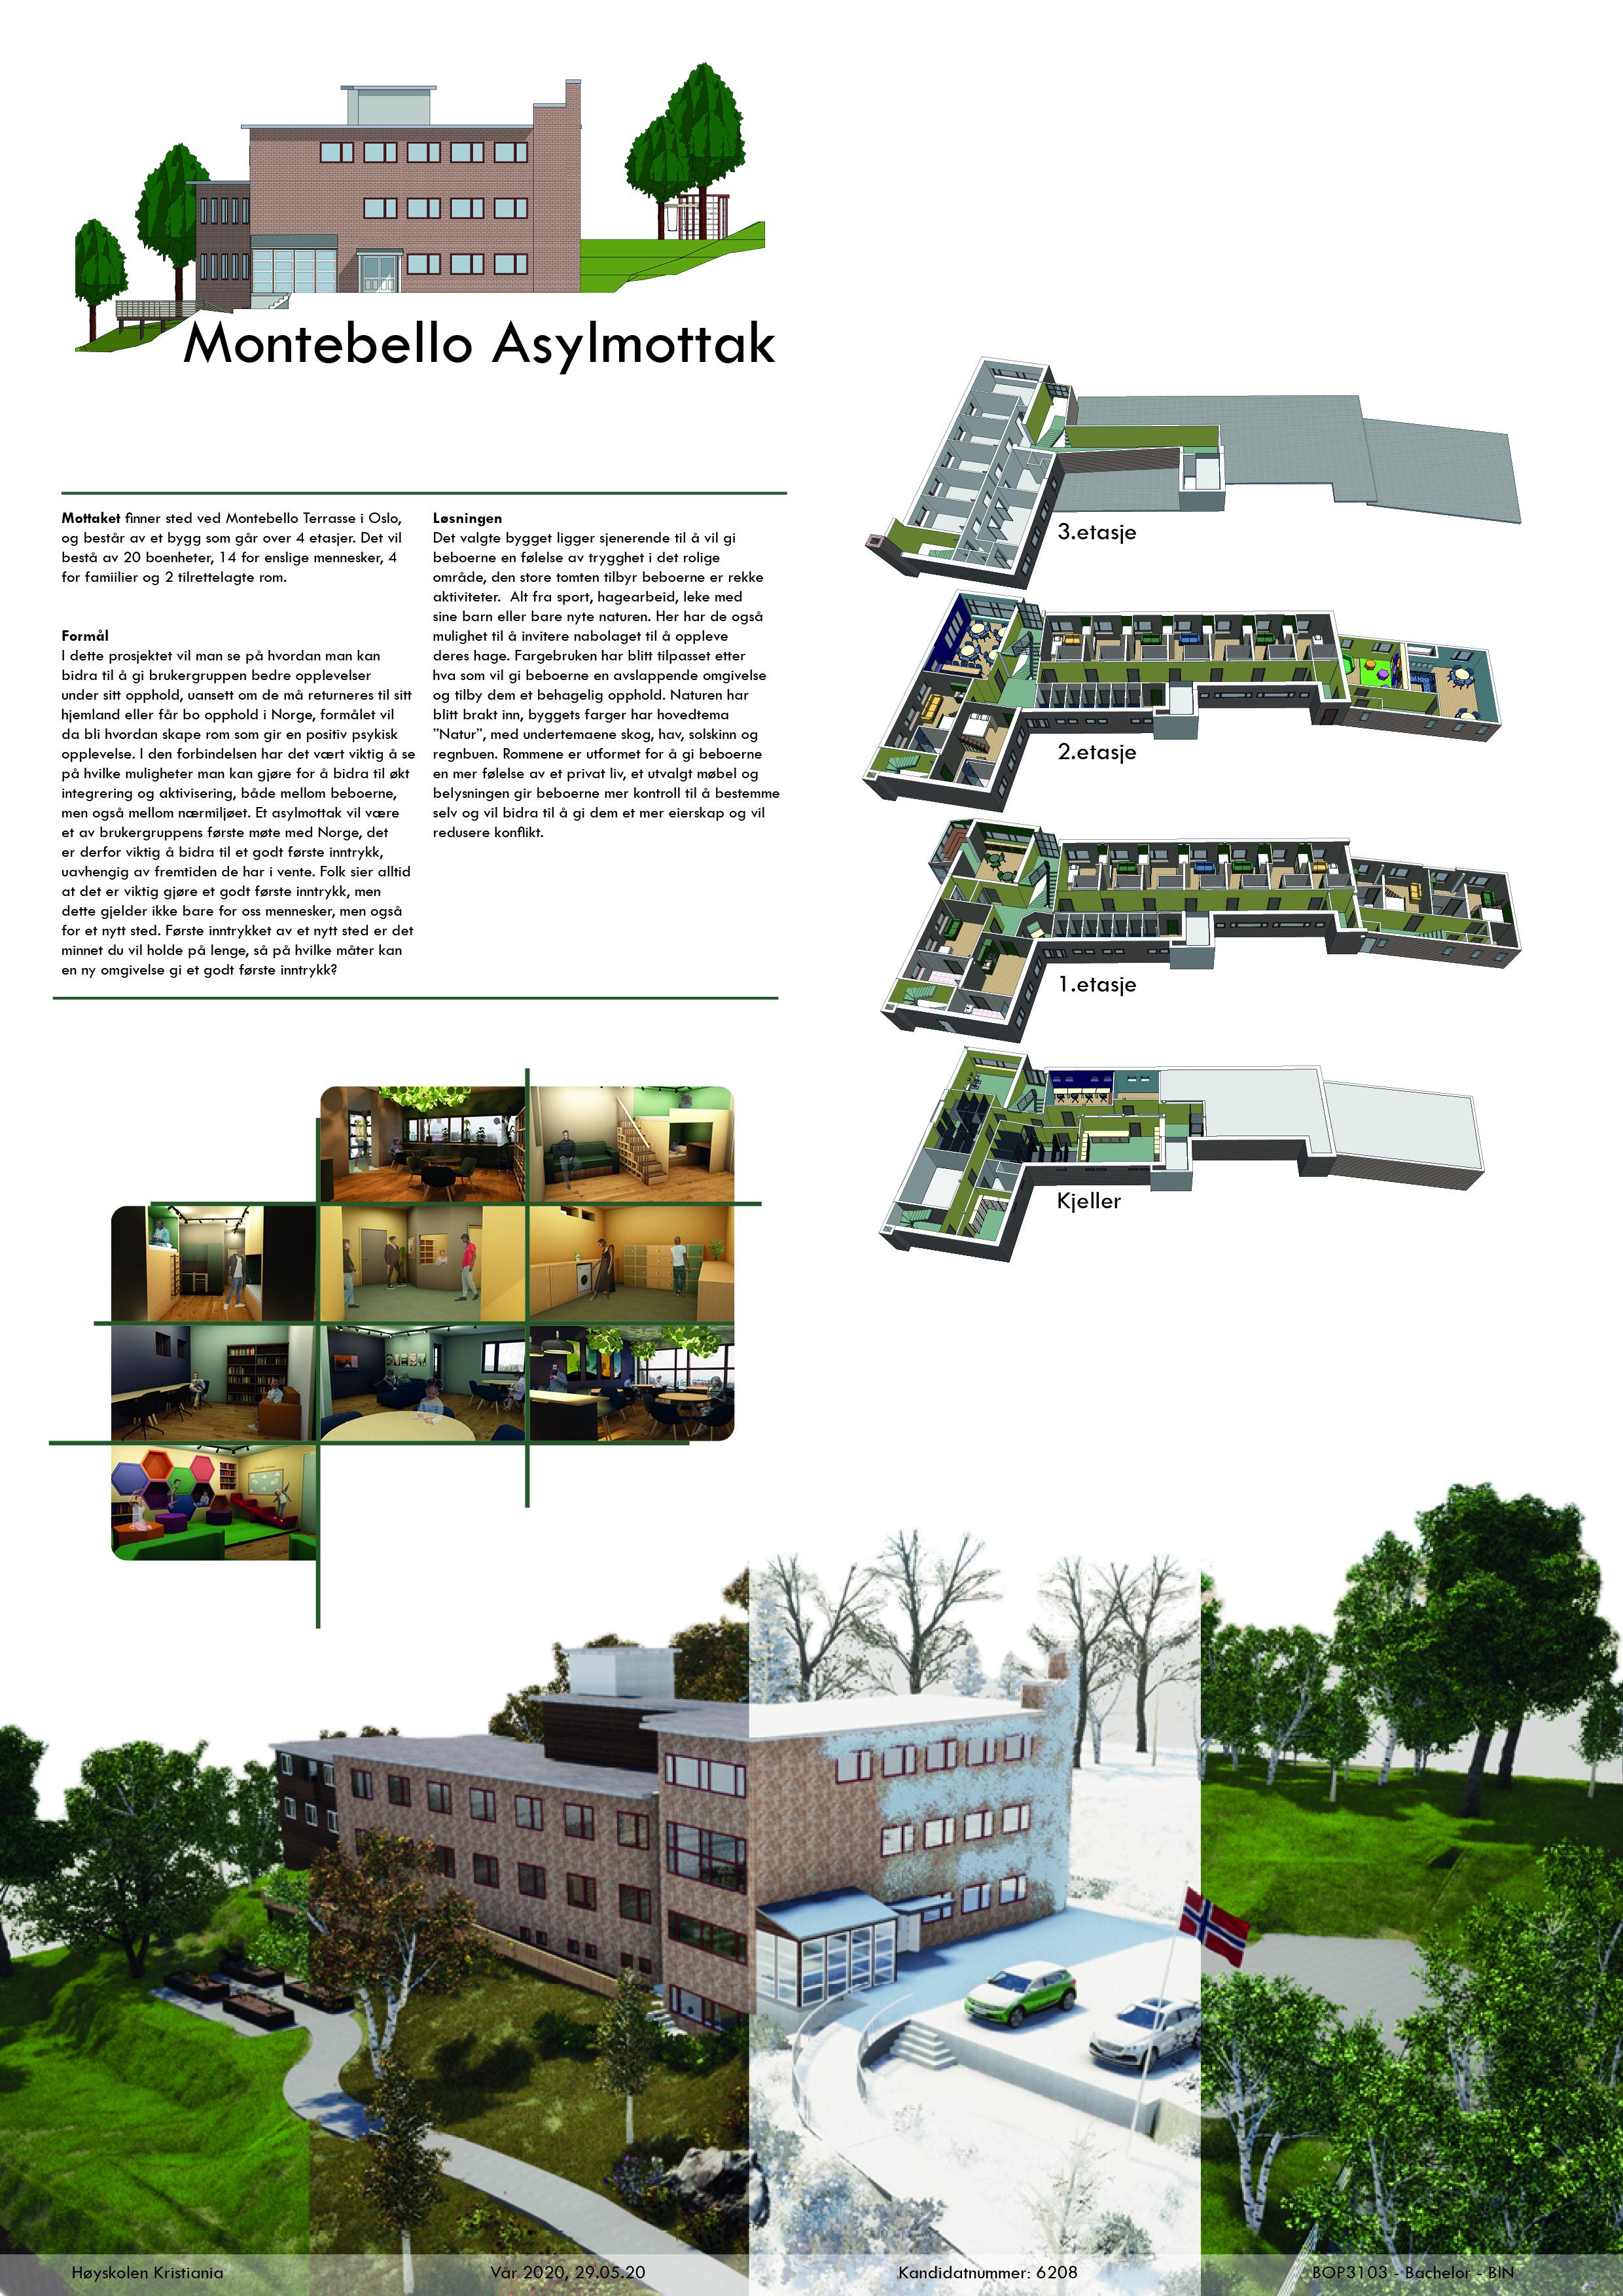 Westerdals Institutt for Kommunikasjon og Design - Montebello Asylmottak